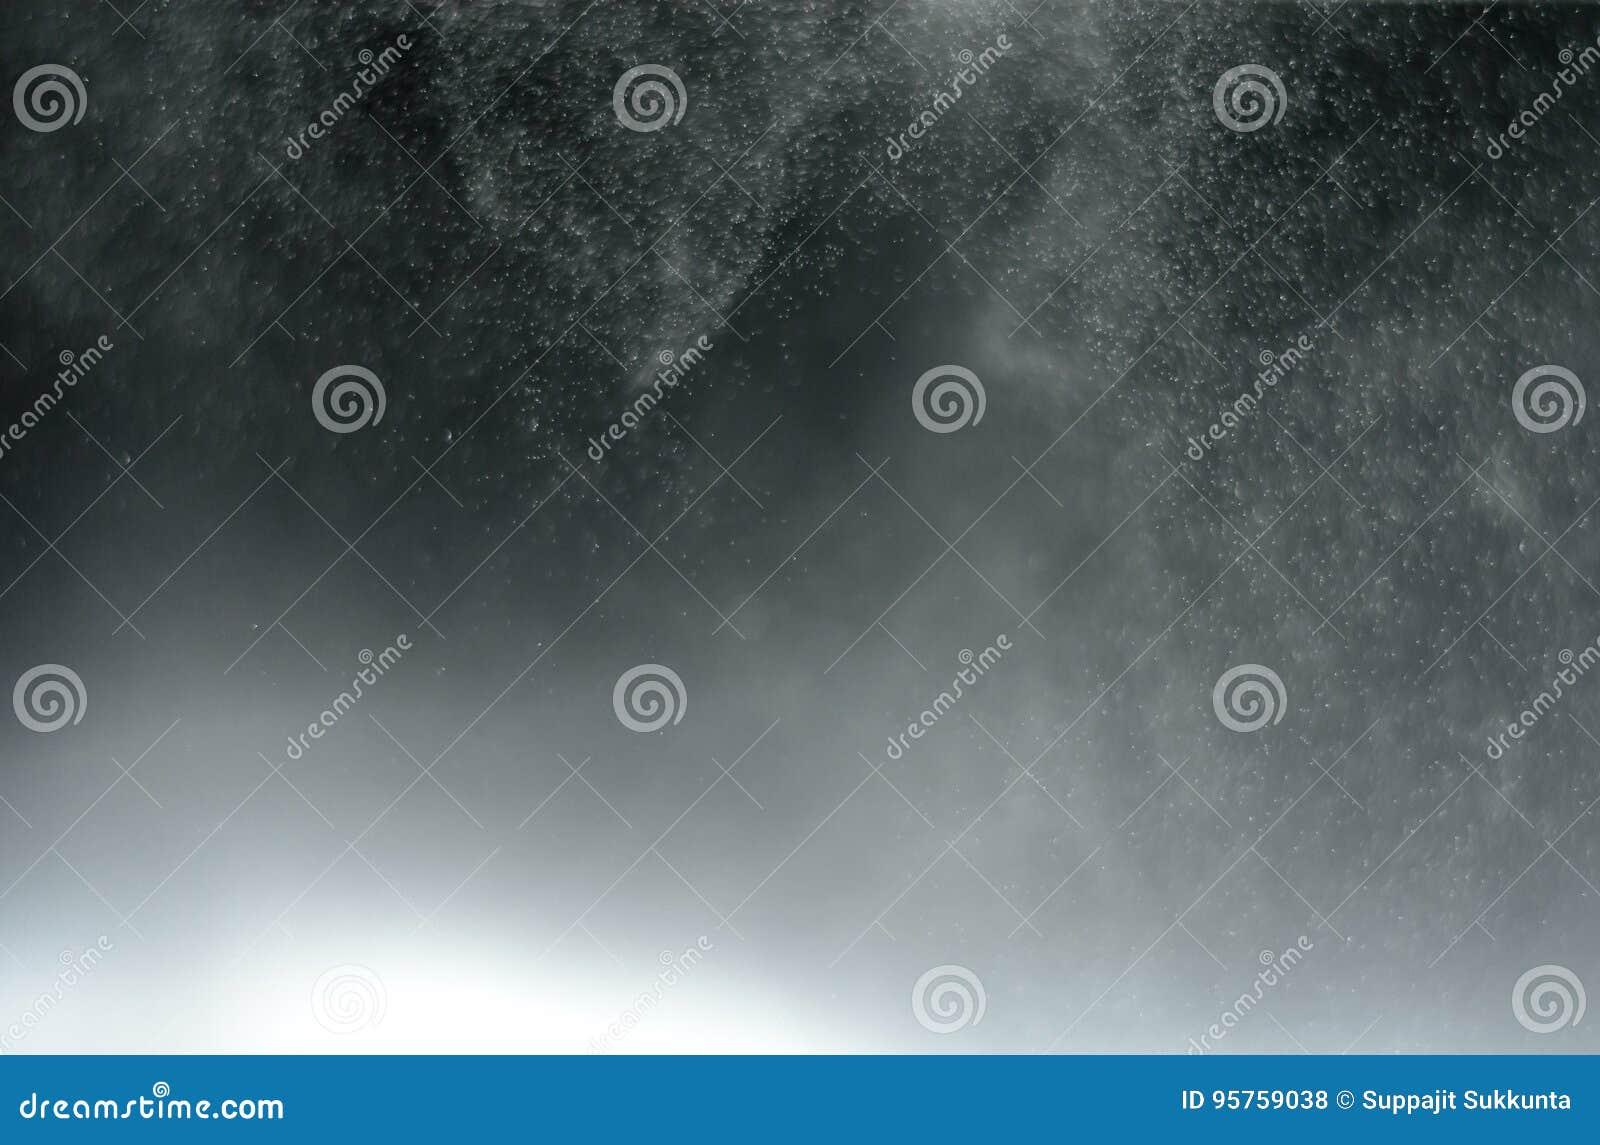 Abstract onduidelijk beeldwater mistig op zwarte achtergrond